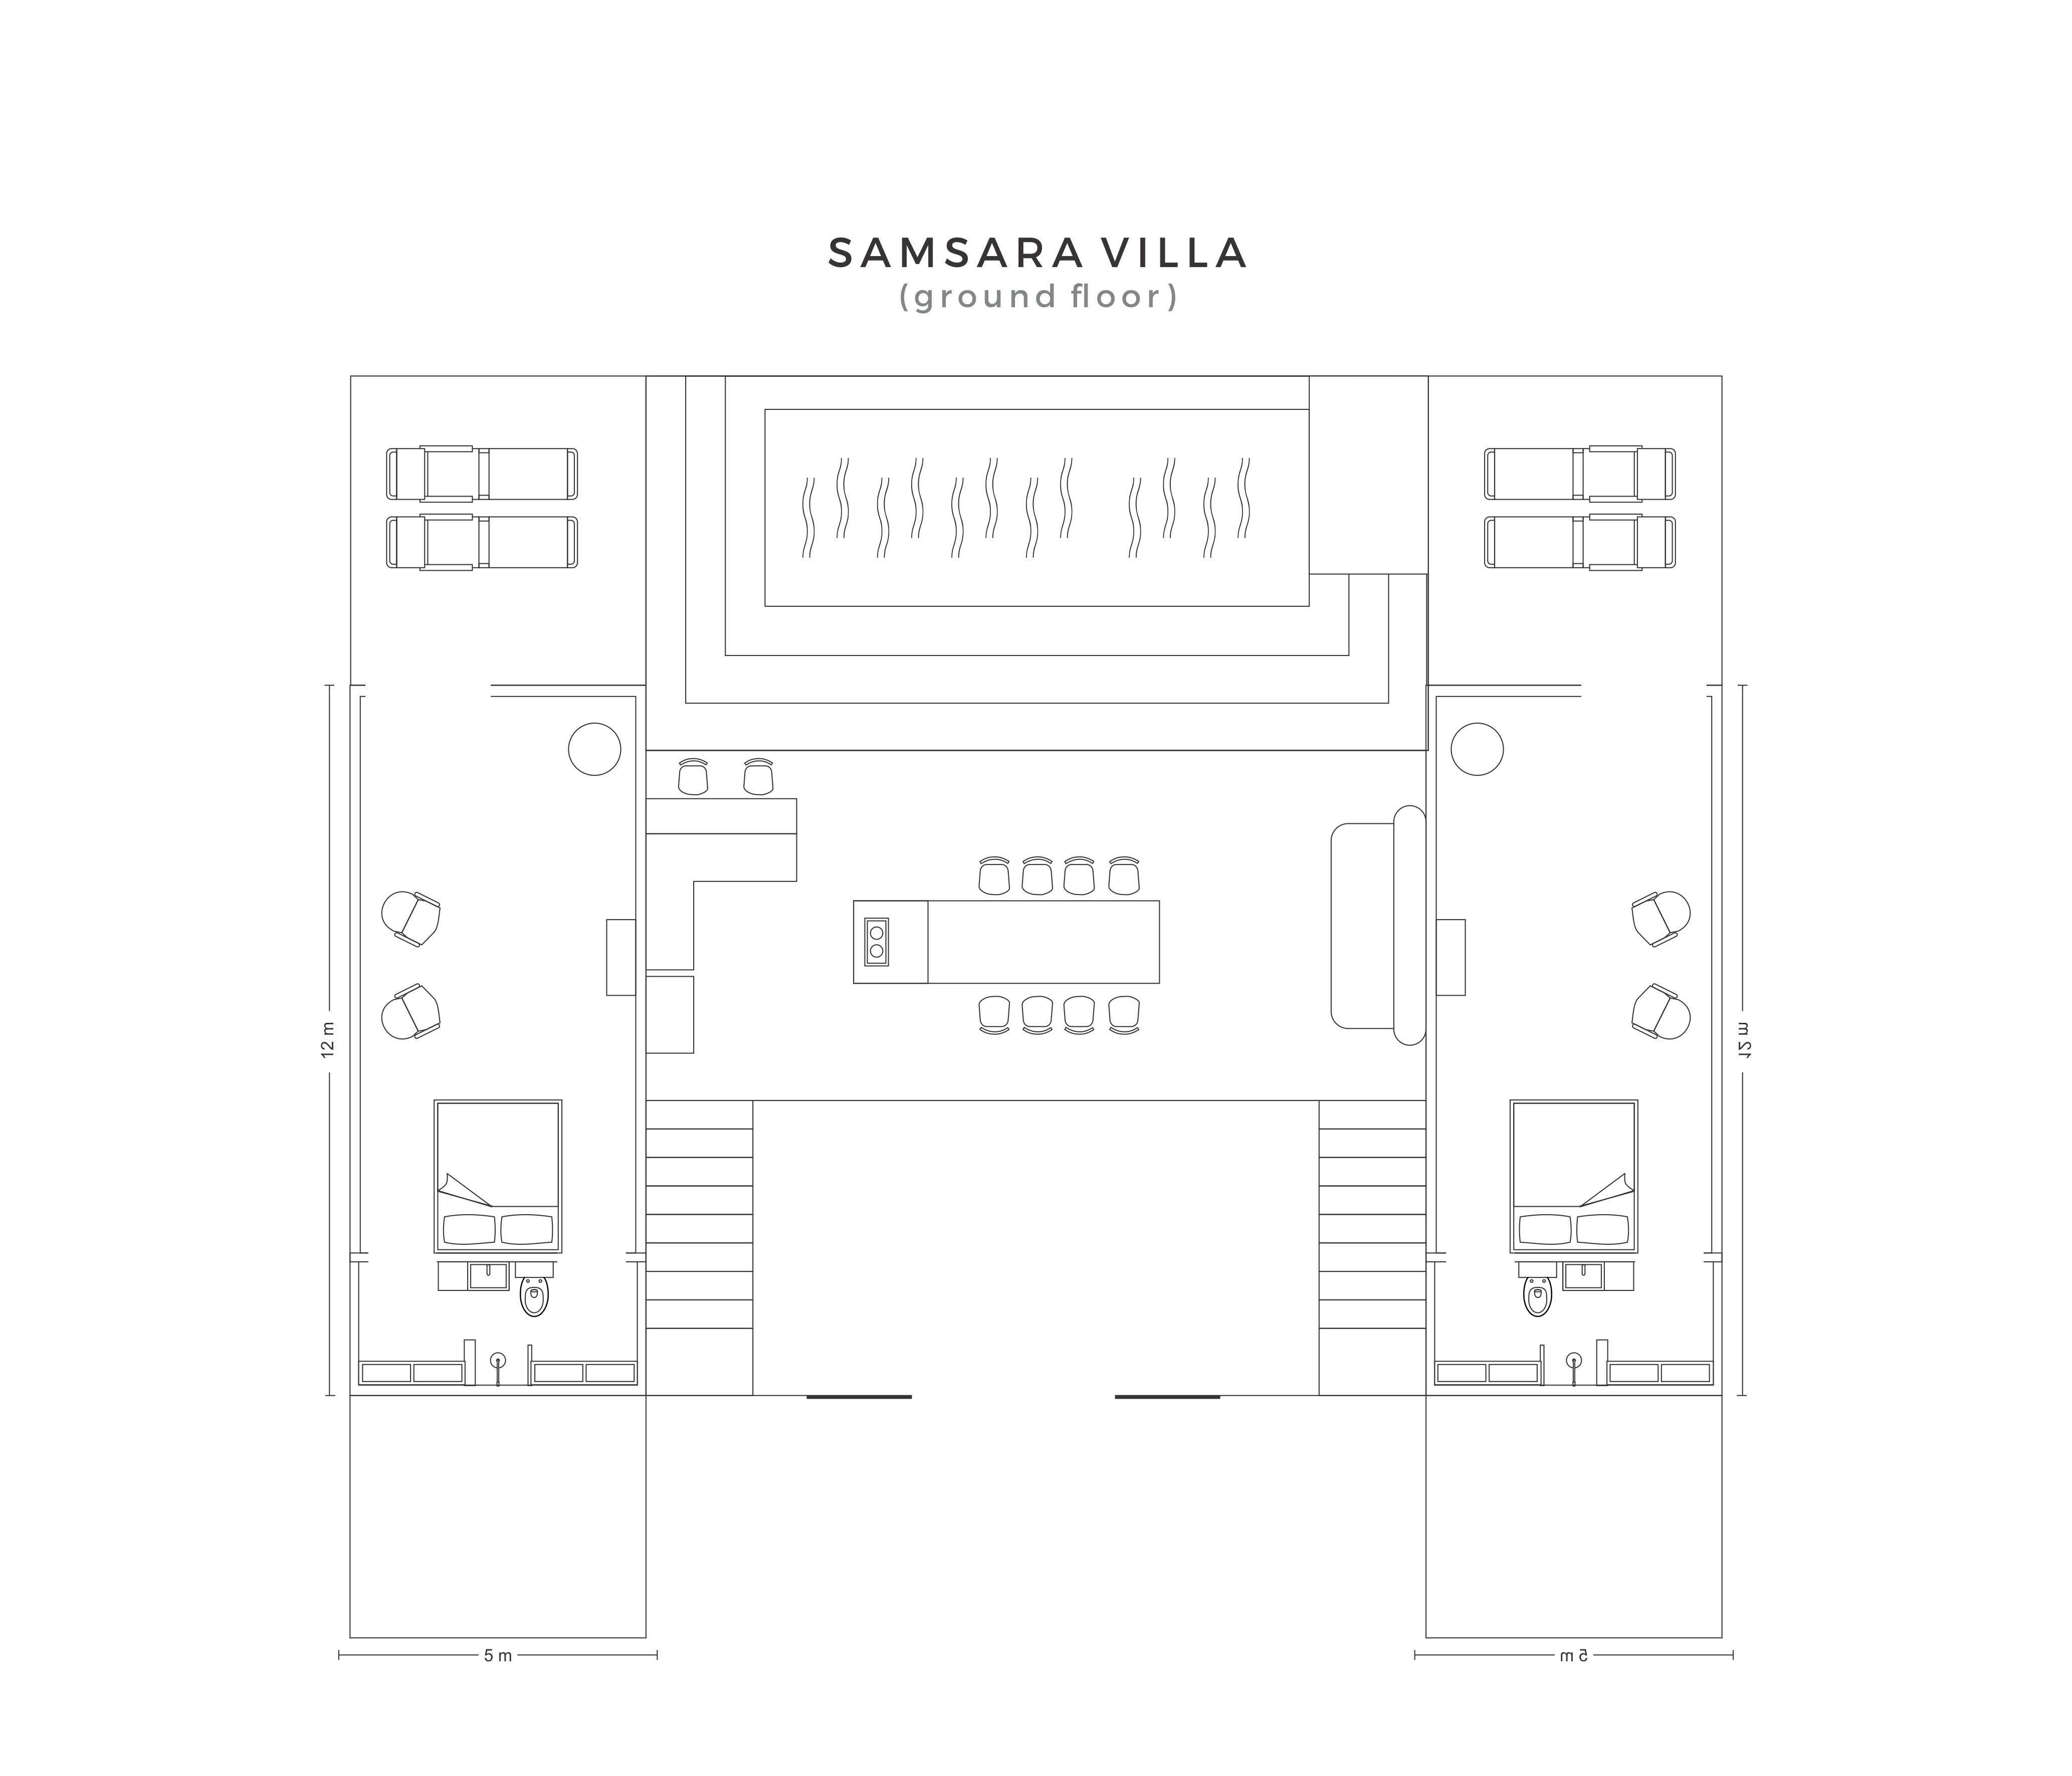 Samsara_Villa_Floor_Plan_downstair